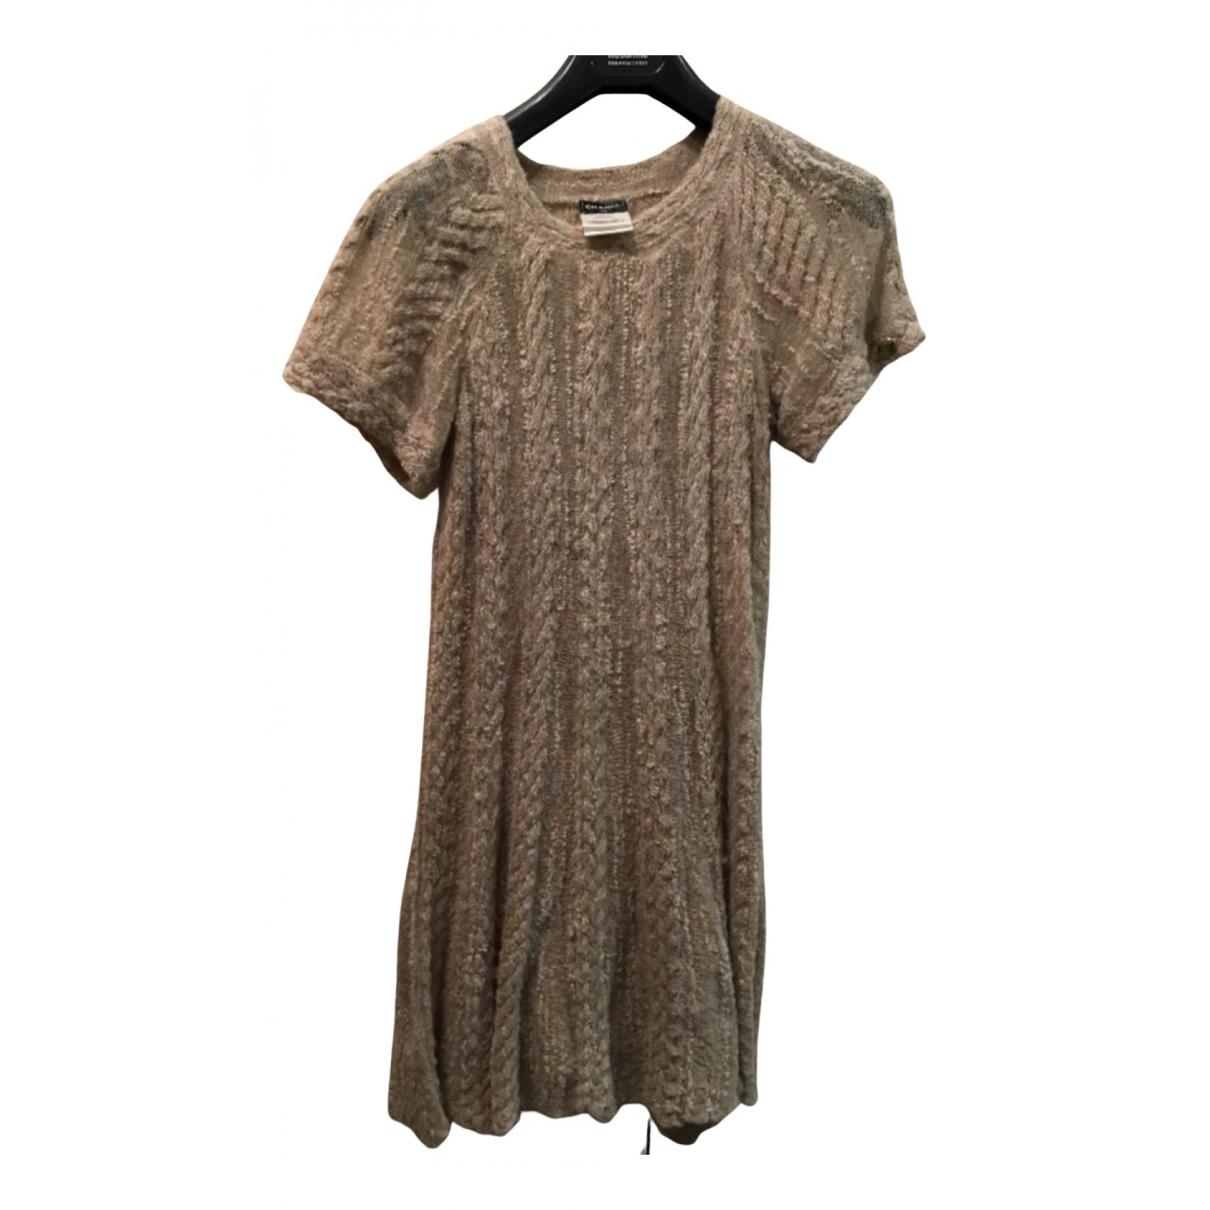 Chanel \N Kleid in  Beige Viskose